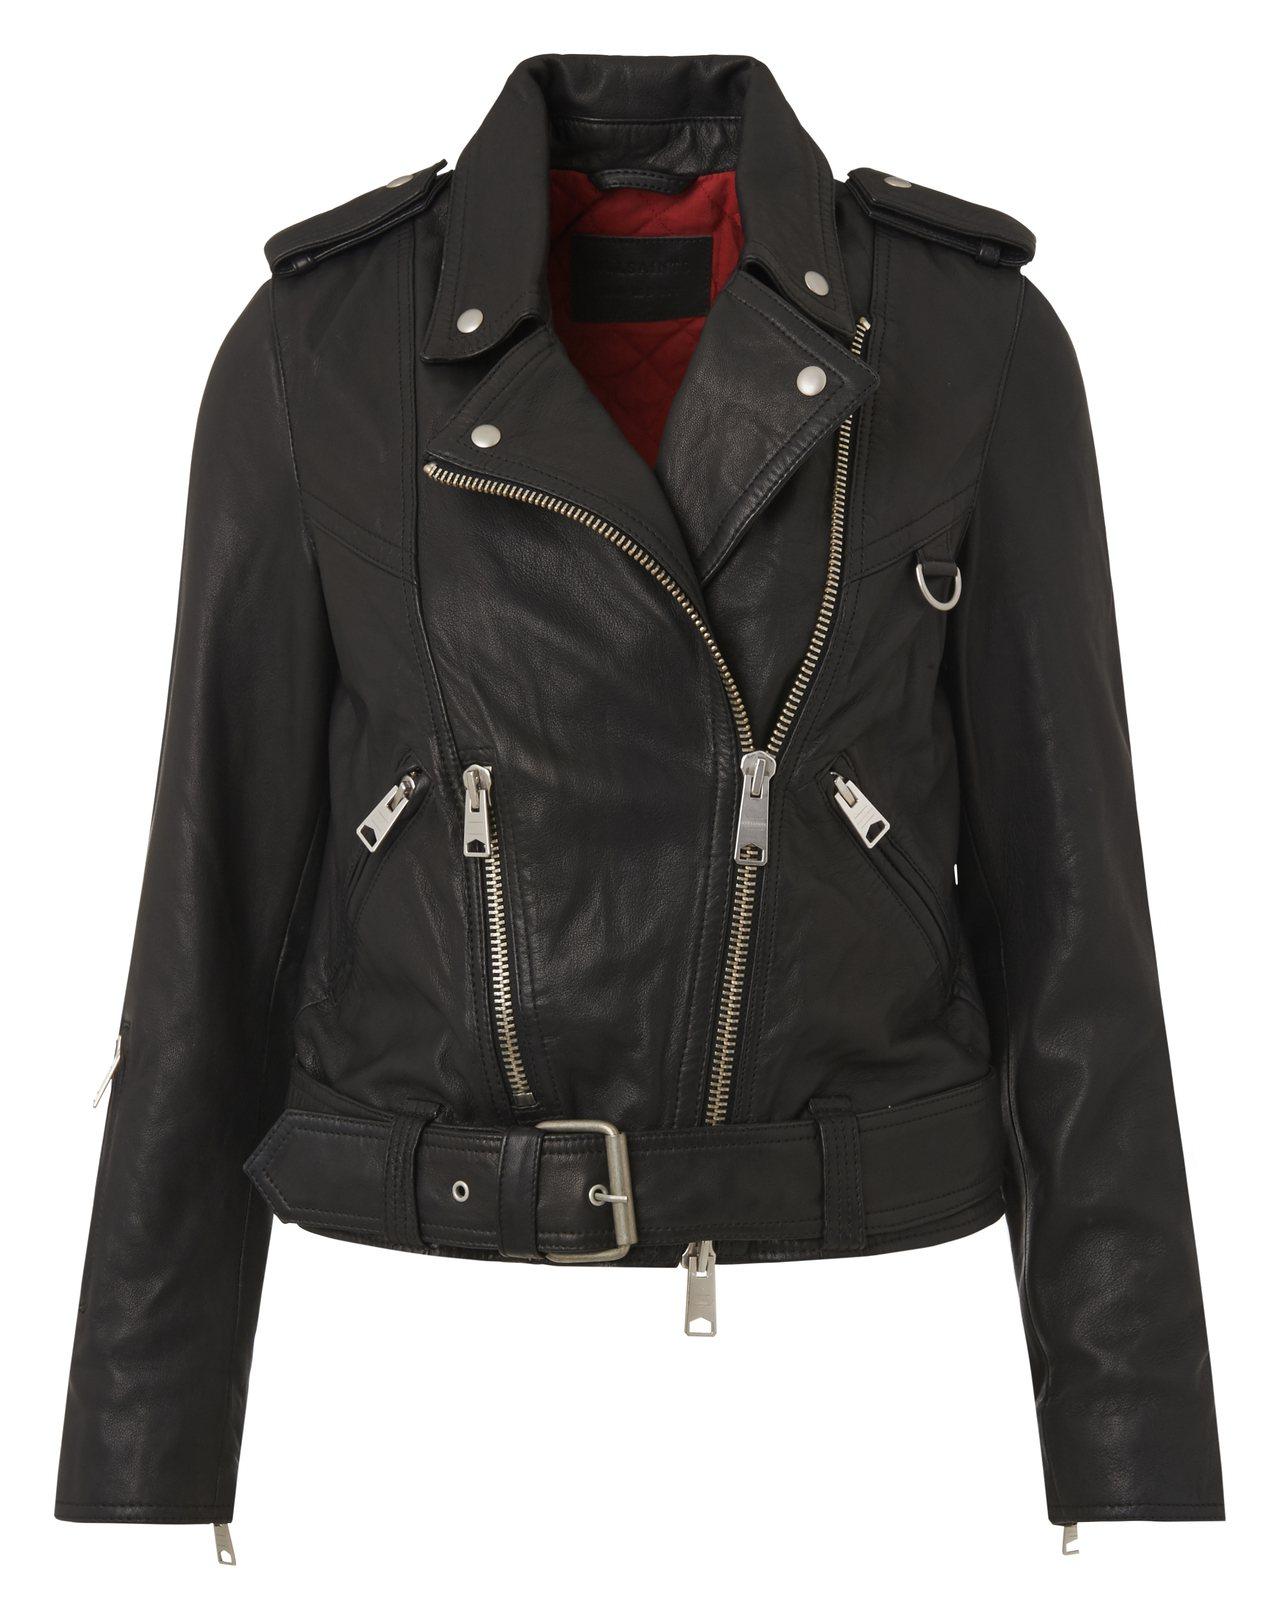 秀智款AllSaints Gidley羊皮騎士夾克,售價21,500元。圖/Al...